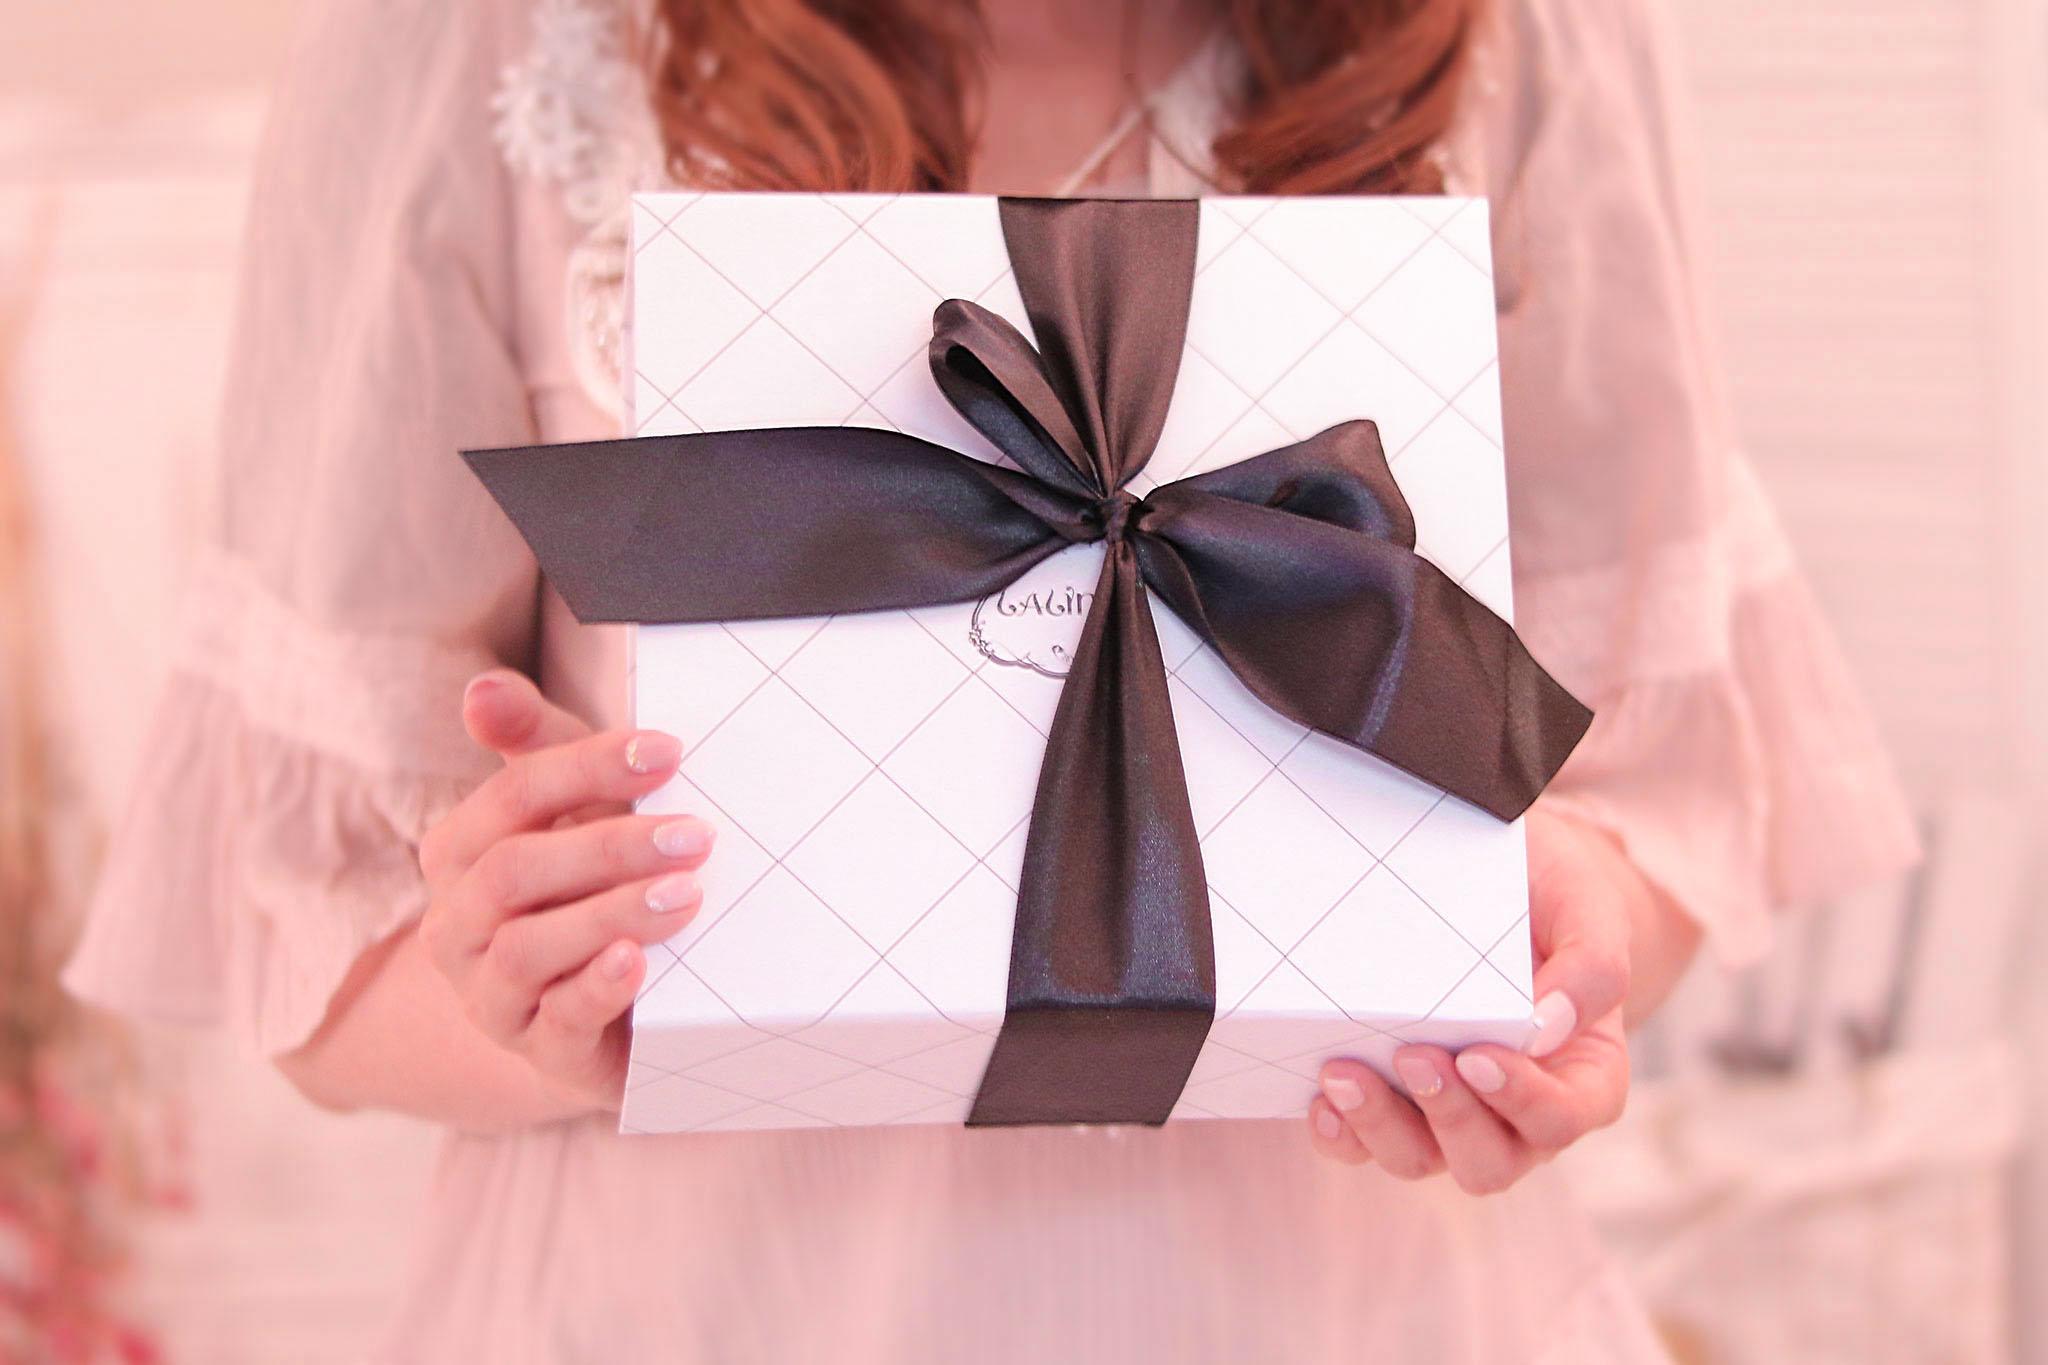 プレゼントの参考に!実際に私がもらってうれしかった女友達からの誕生日プレゼント3選